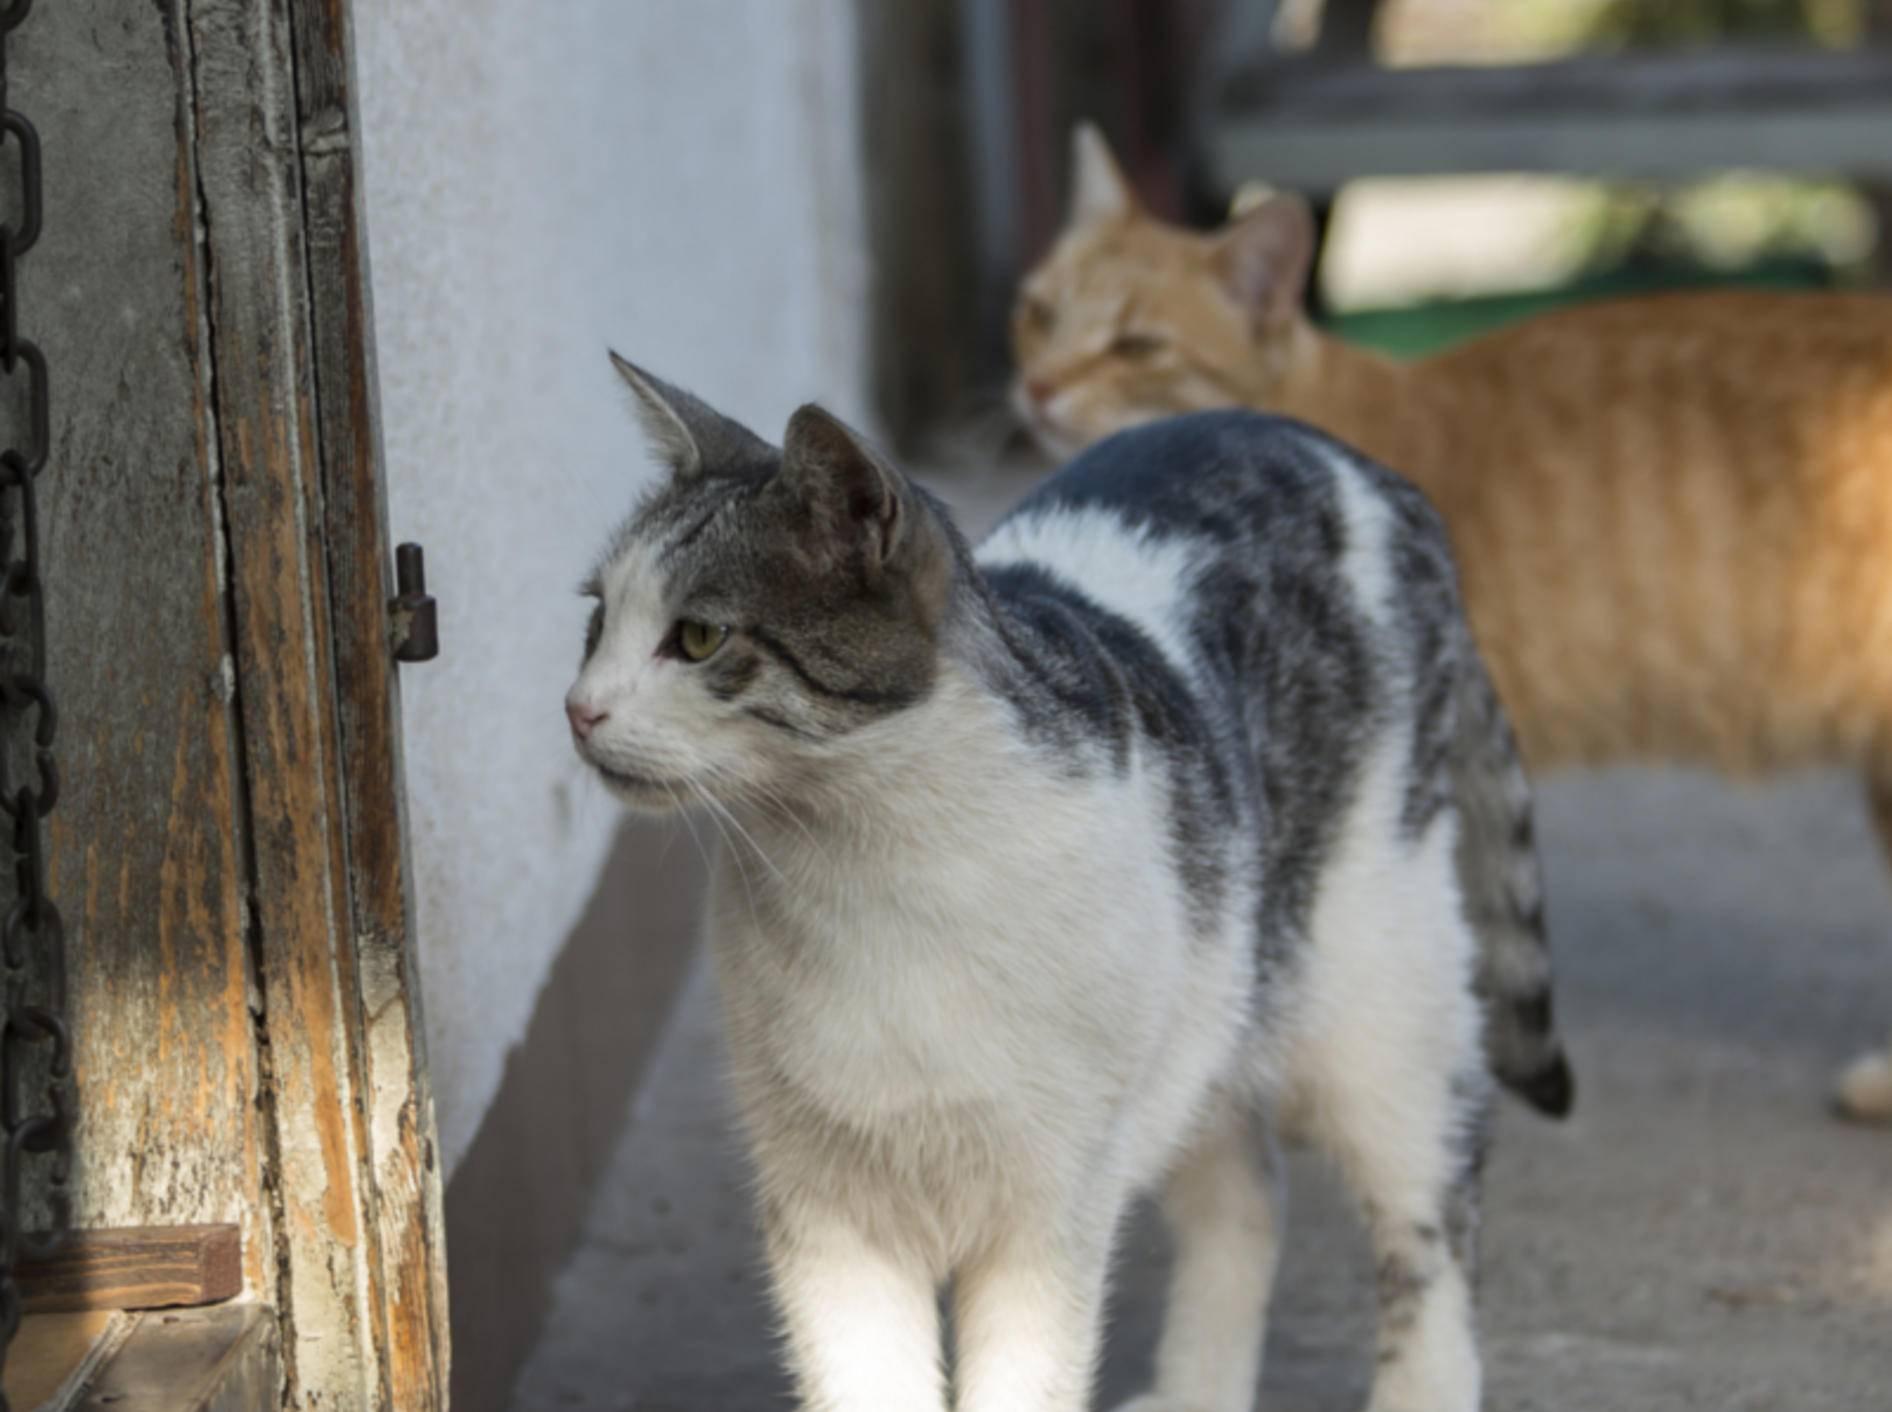 Fremde Katze im Haus: Was tun gegen ungebetene Gäste? Bilder